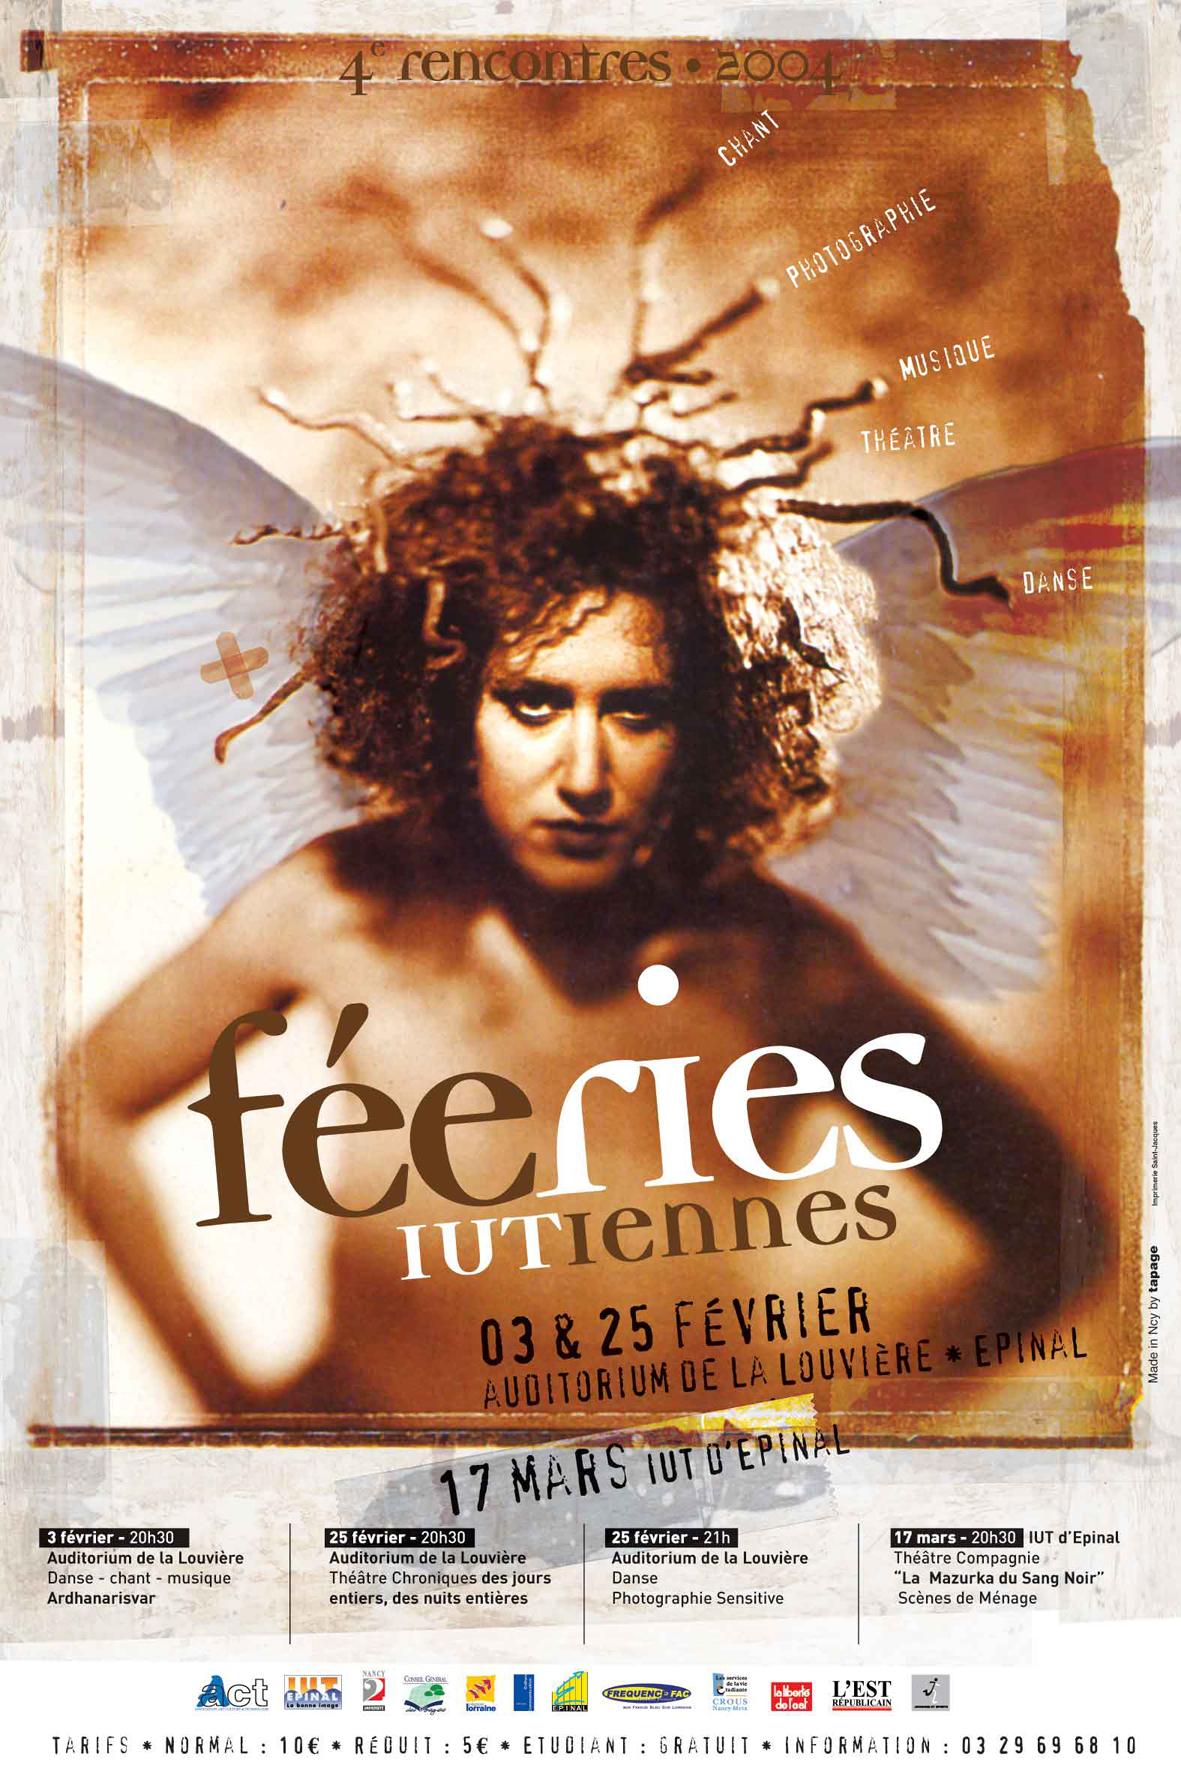 féeries+2004.jpg